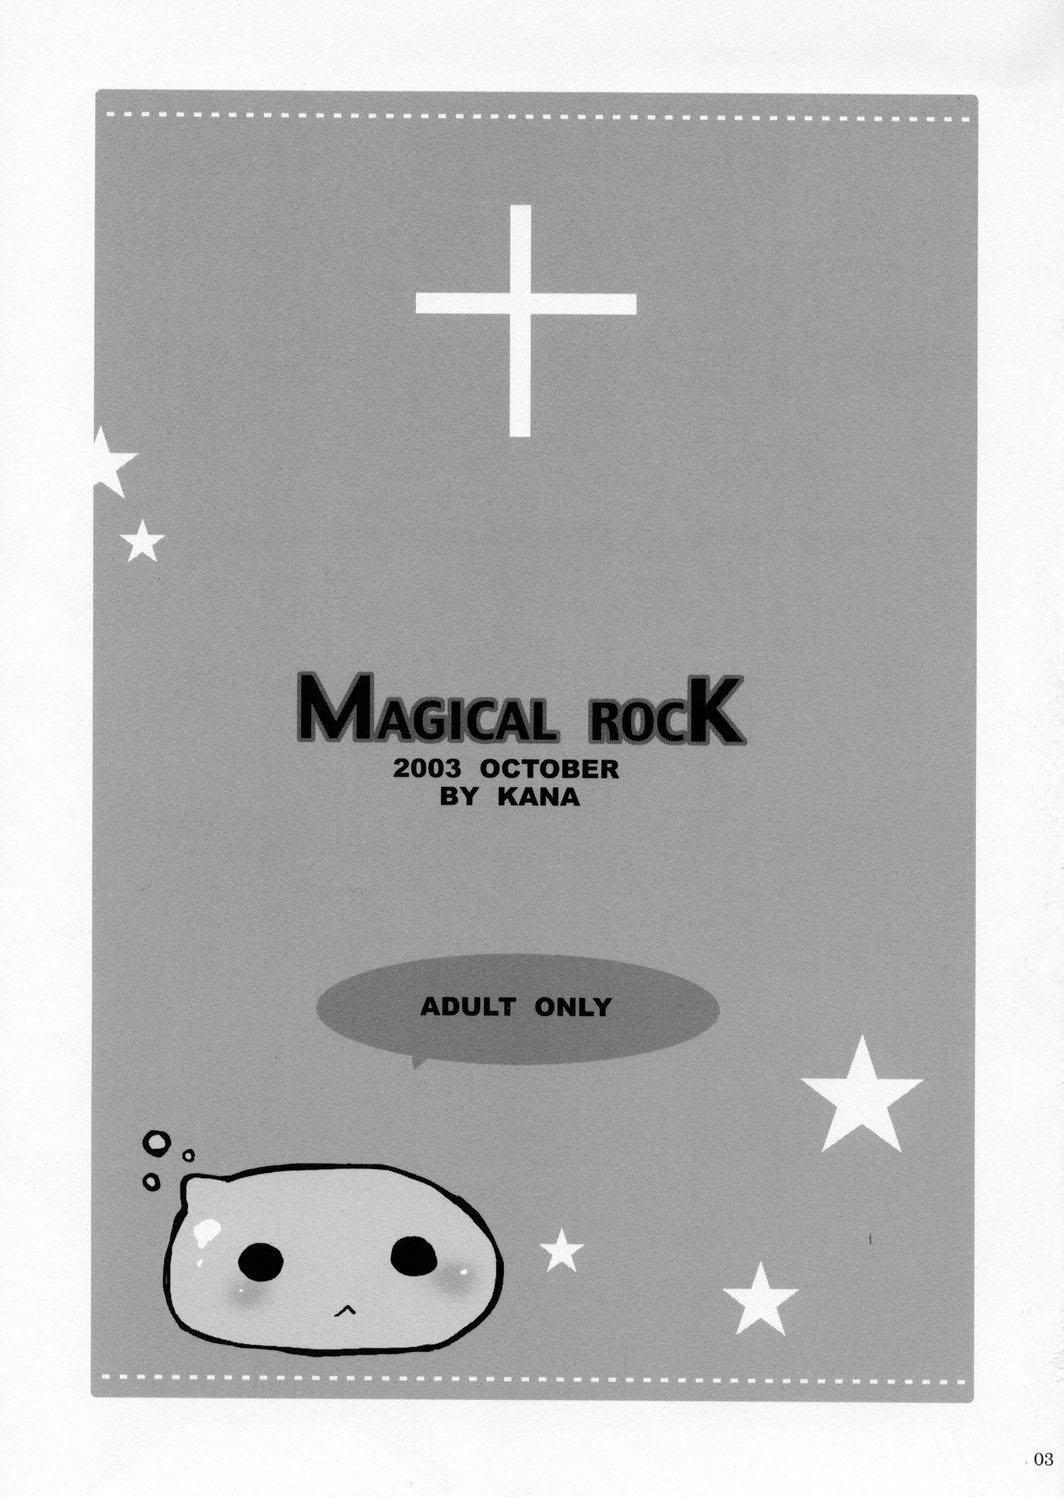 MAGICAL ROCK 1